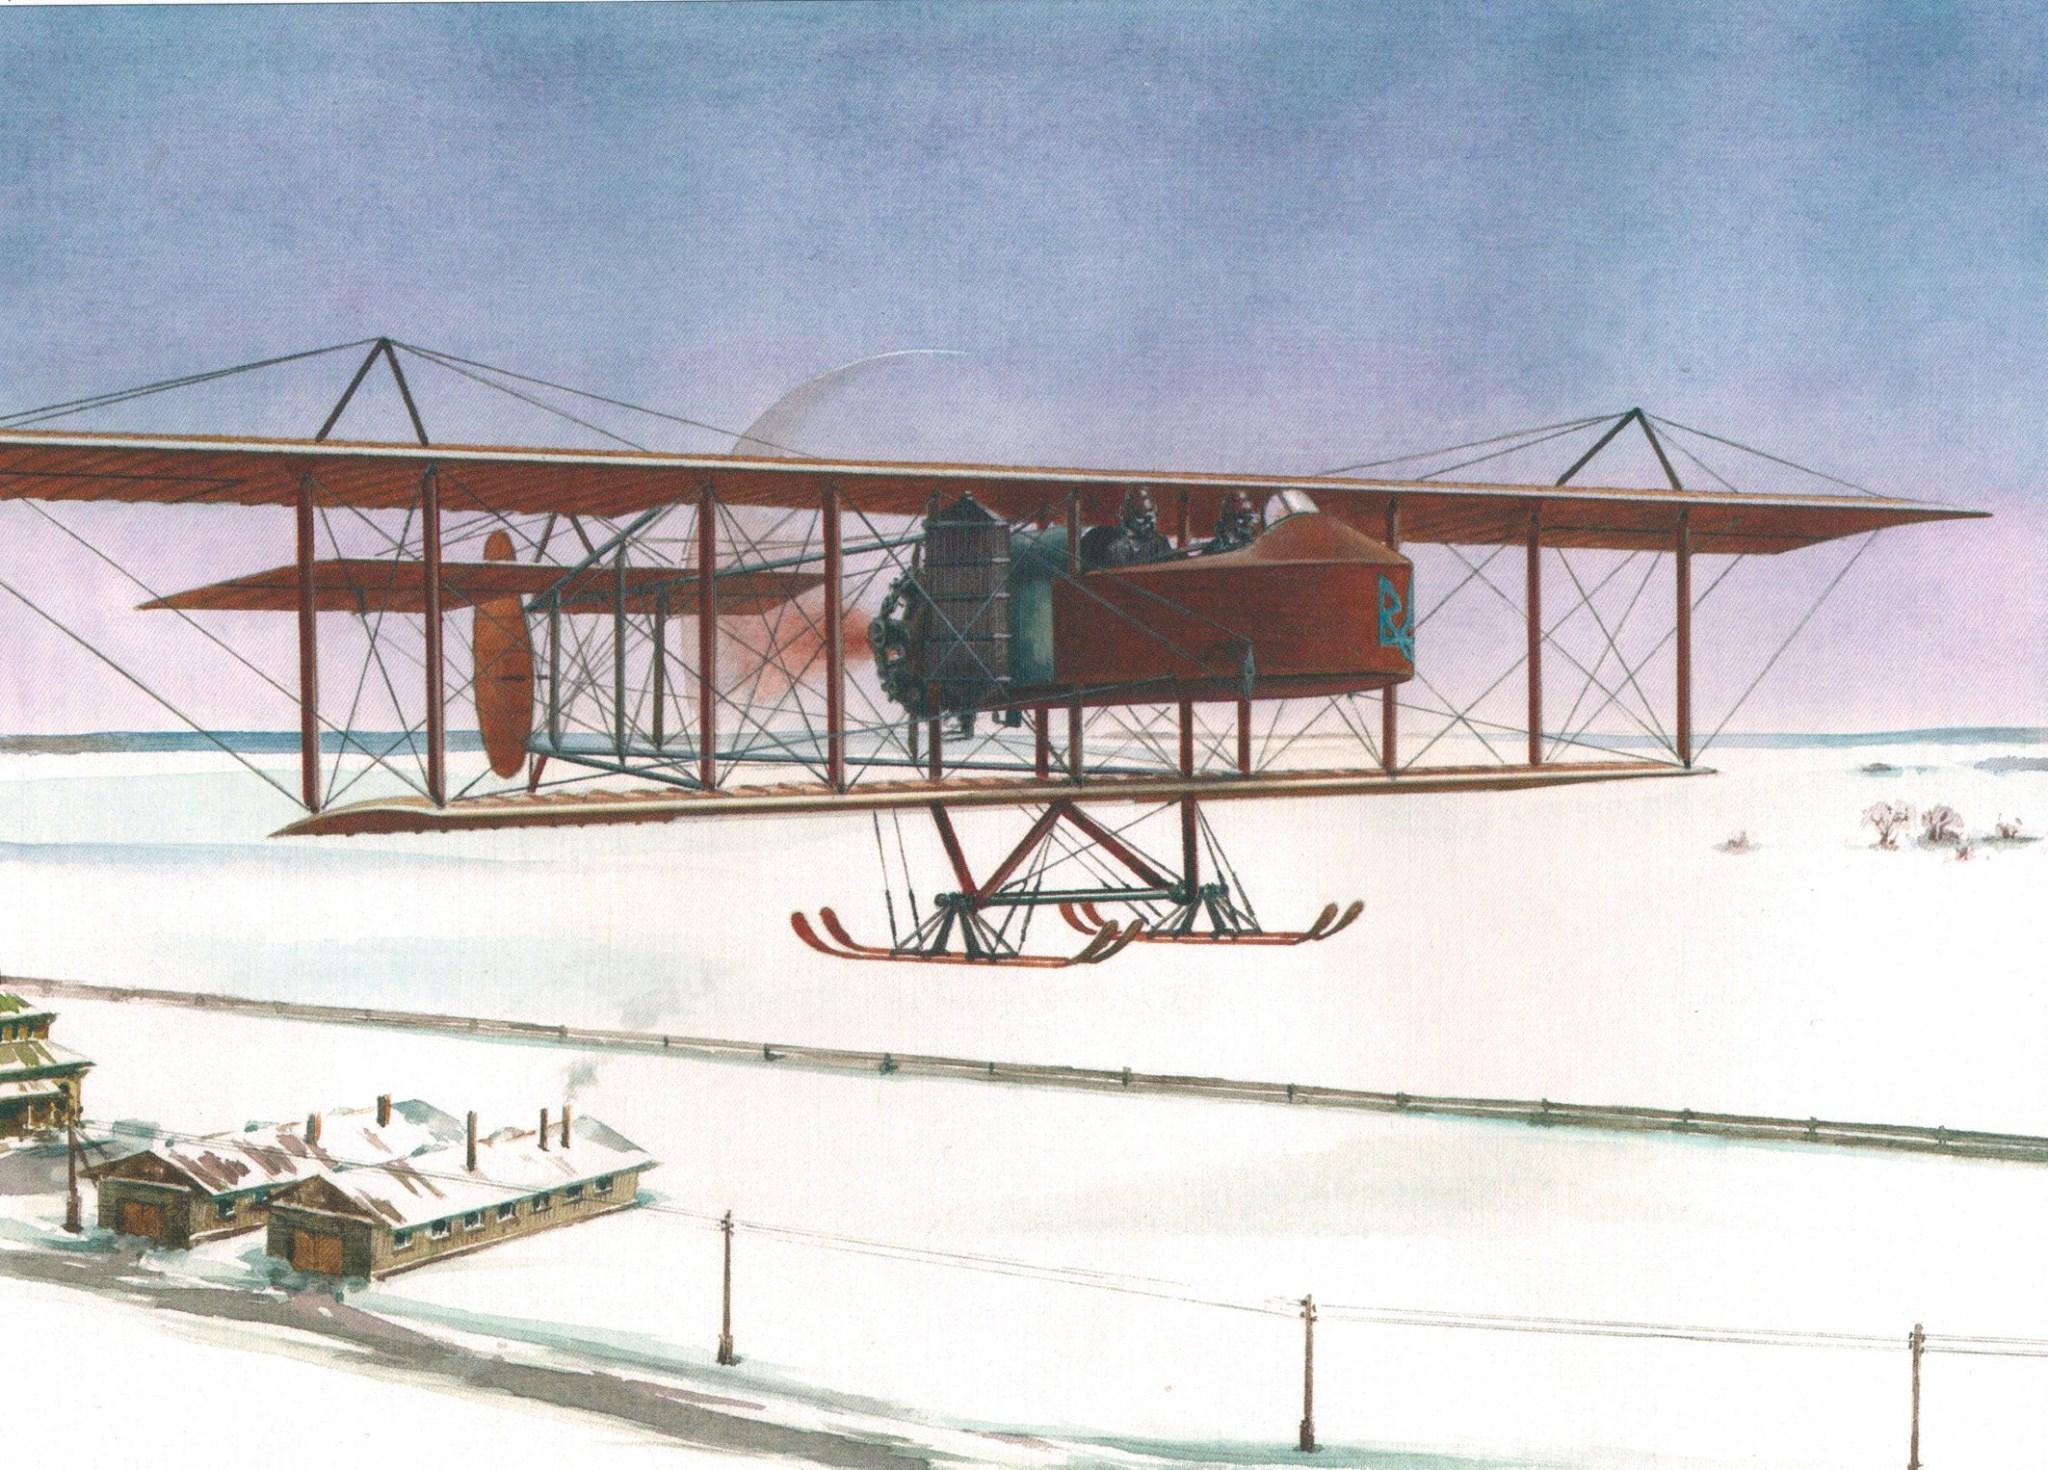 Сьогодні відзначають 100-річчя української авіації